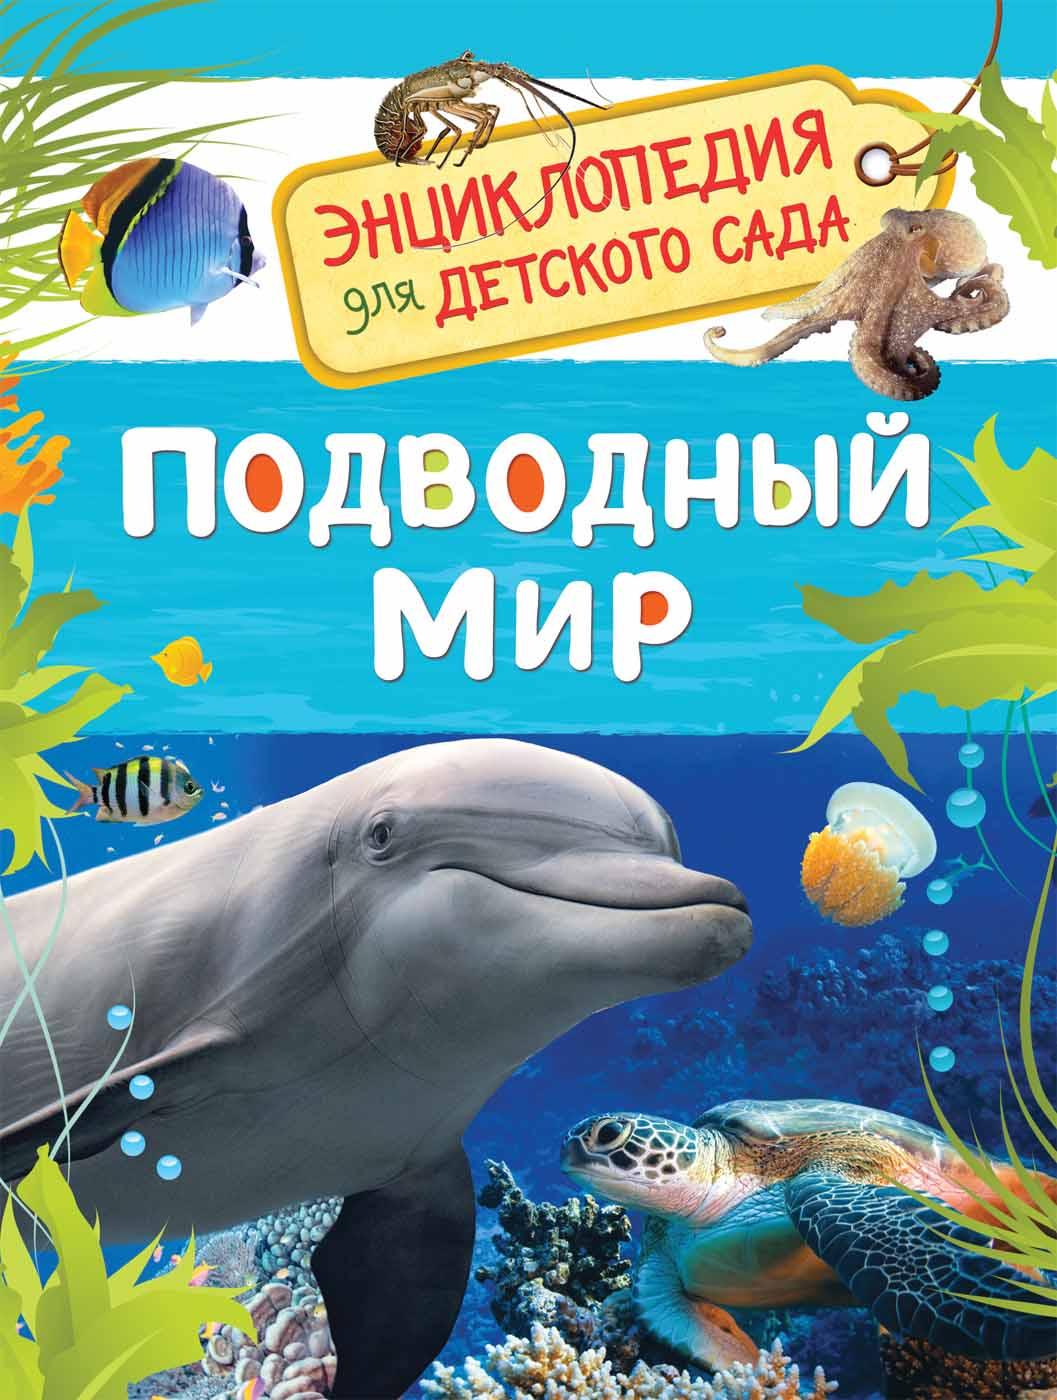 Энциклопедия для детского сада - Подводный мирДля малышей в картинках<br>Энциклопедия для детского сада - Подводный мир<br>